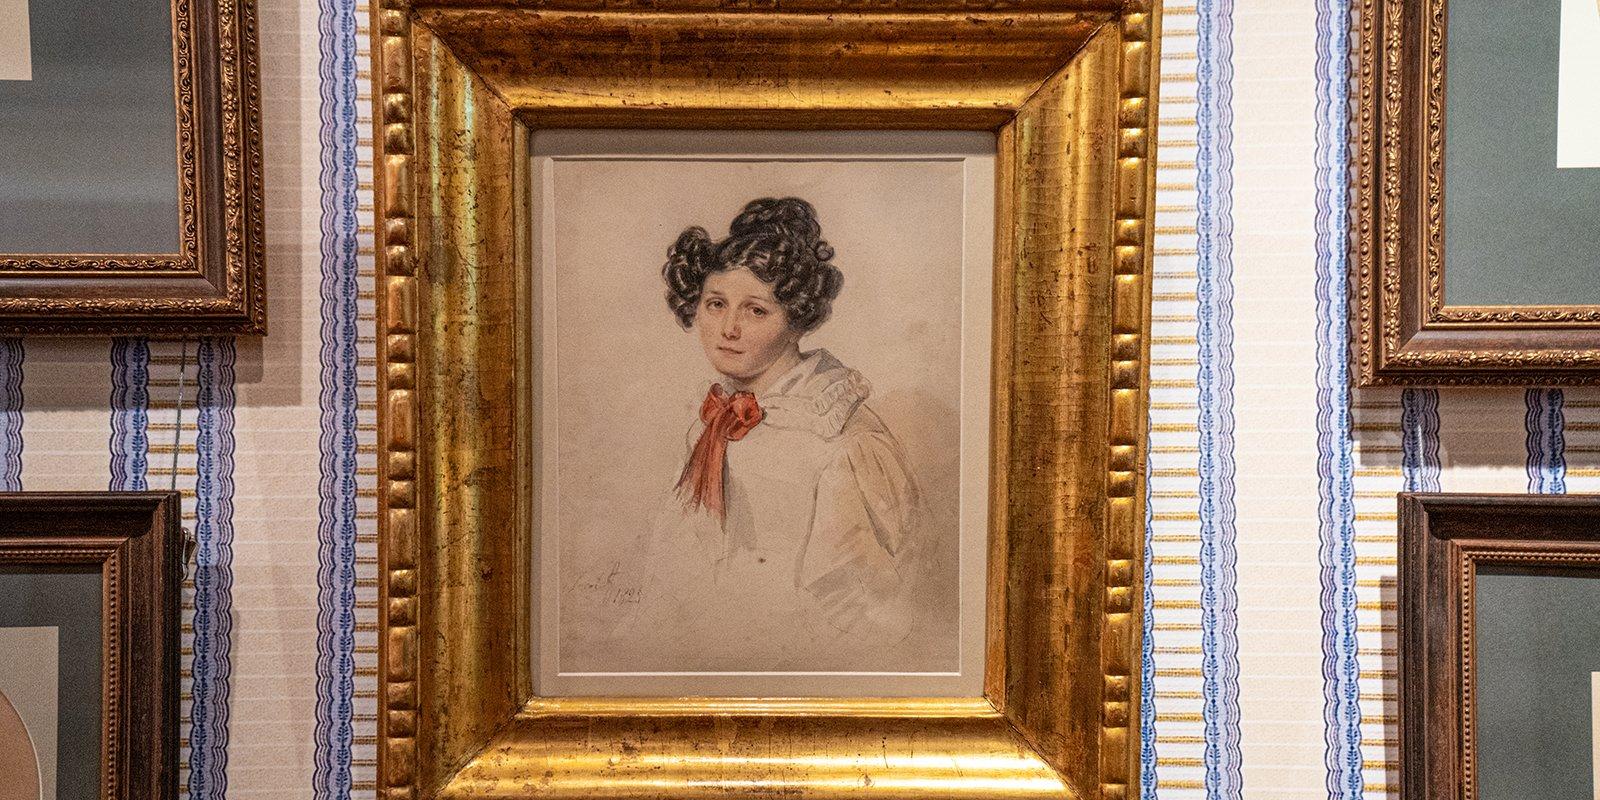 П.Ф. Соколов. П.Е. Анненкова, урожденная Полина Гебль. 1825 год